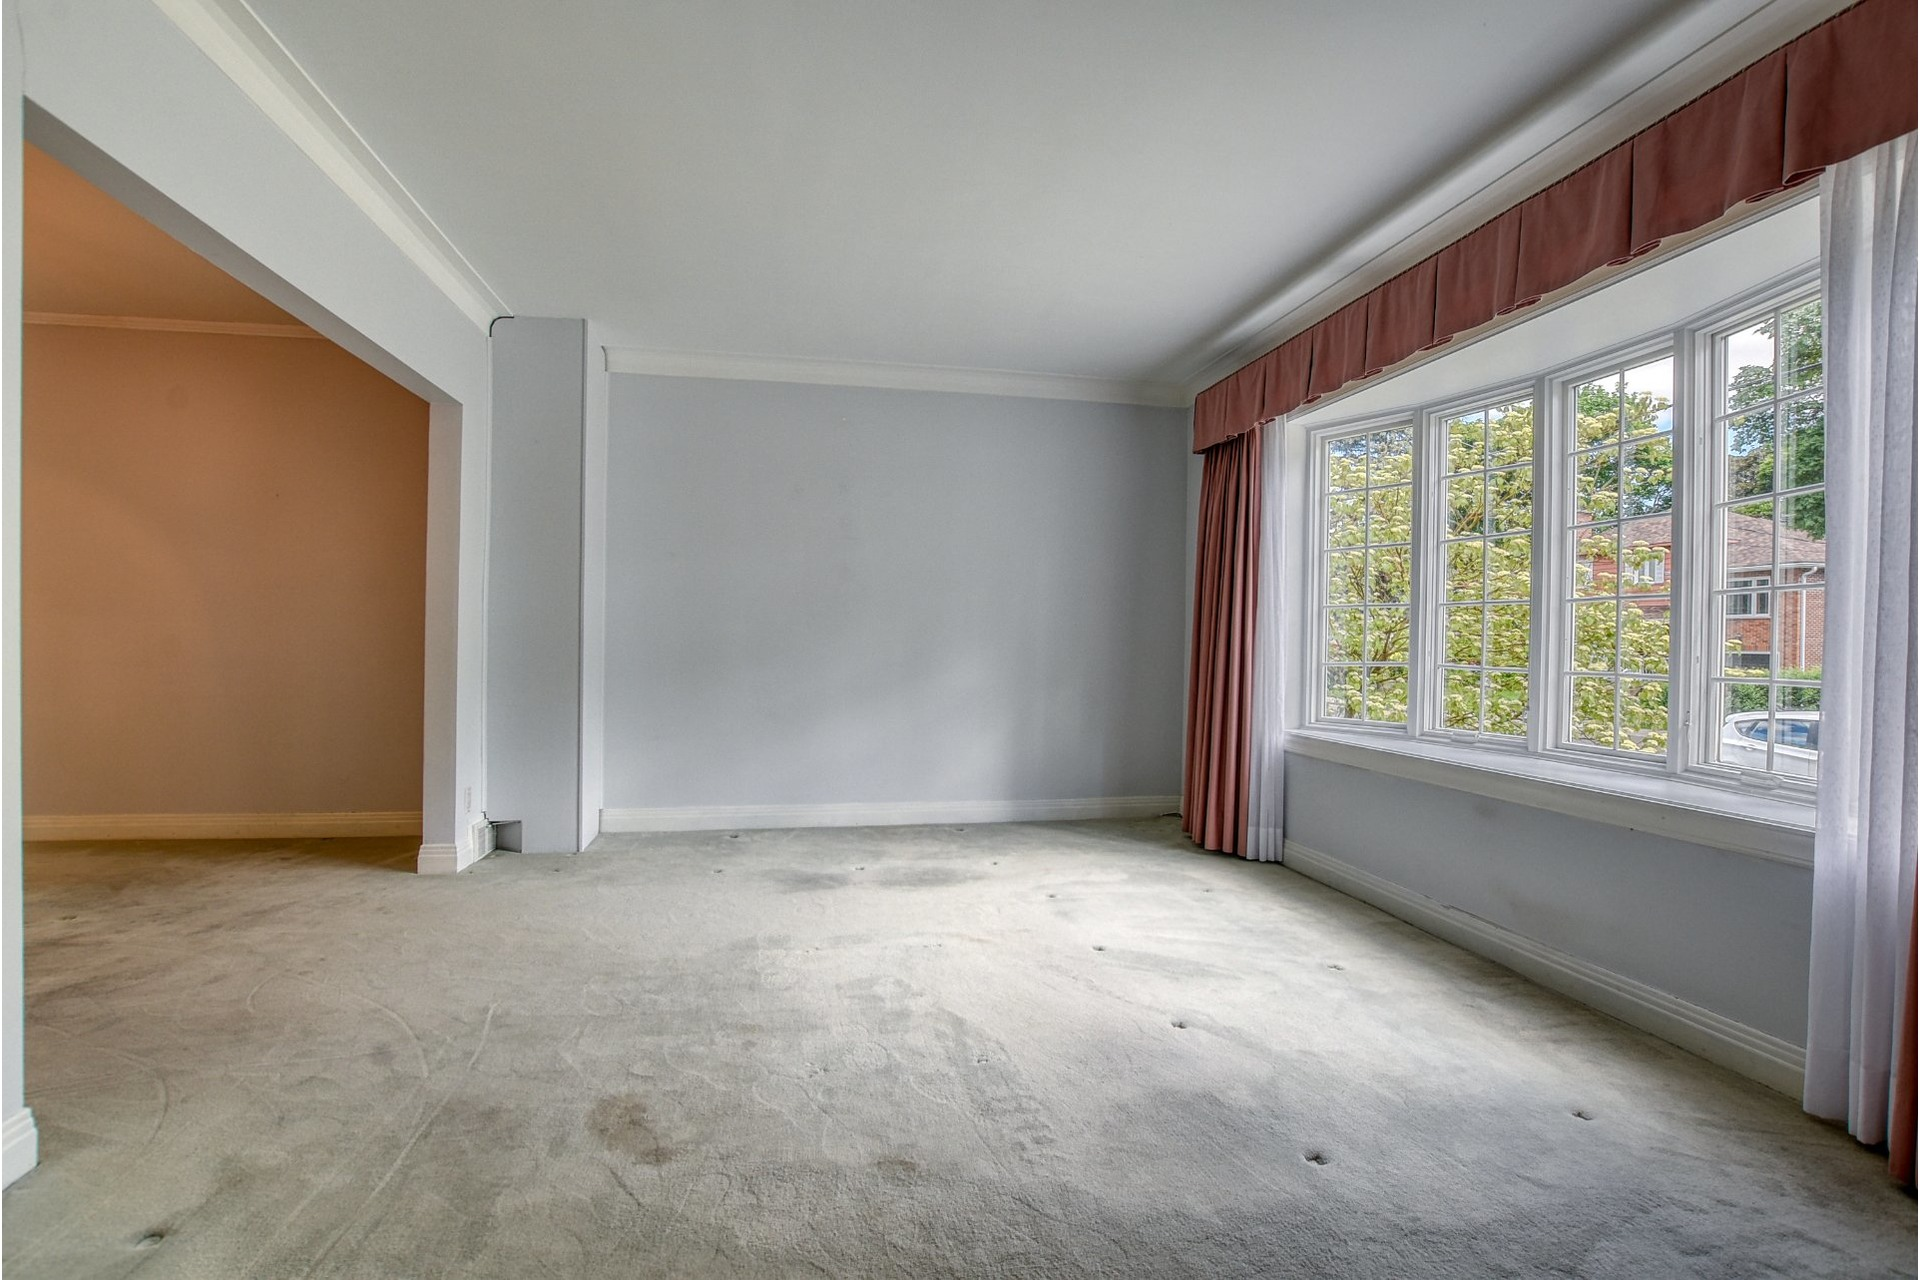 image 3 - House For sale Saint-Laurent Montréal  - 7 rooms